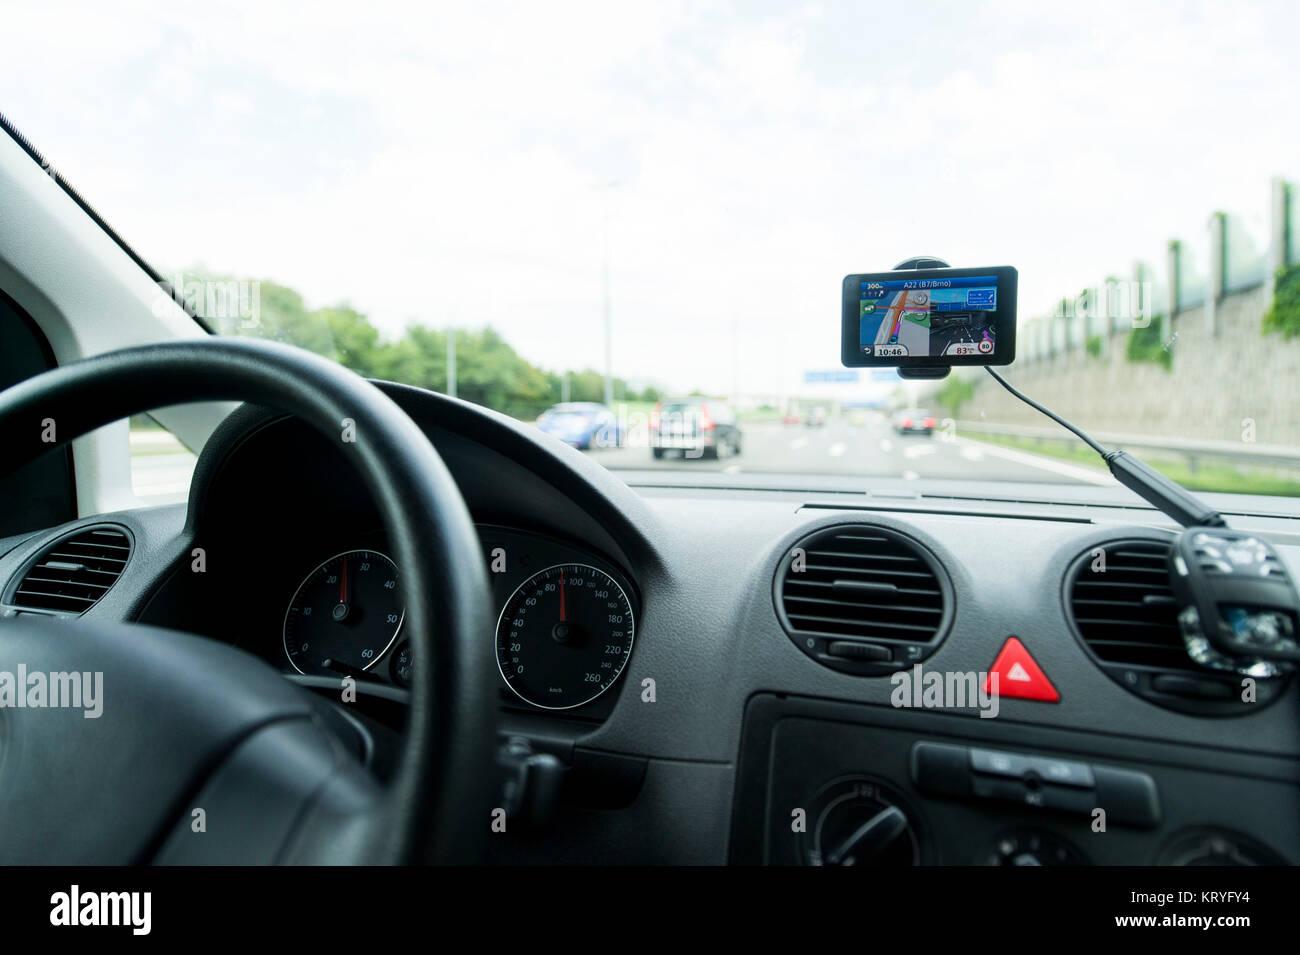 Autofahrt mit Navigationsgerät - car ride with navigation - Stock Image